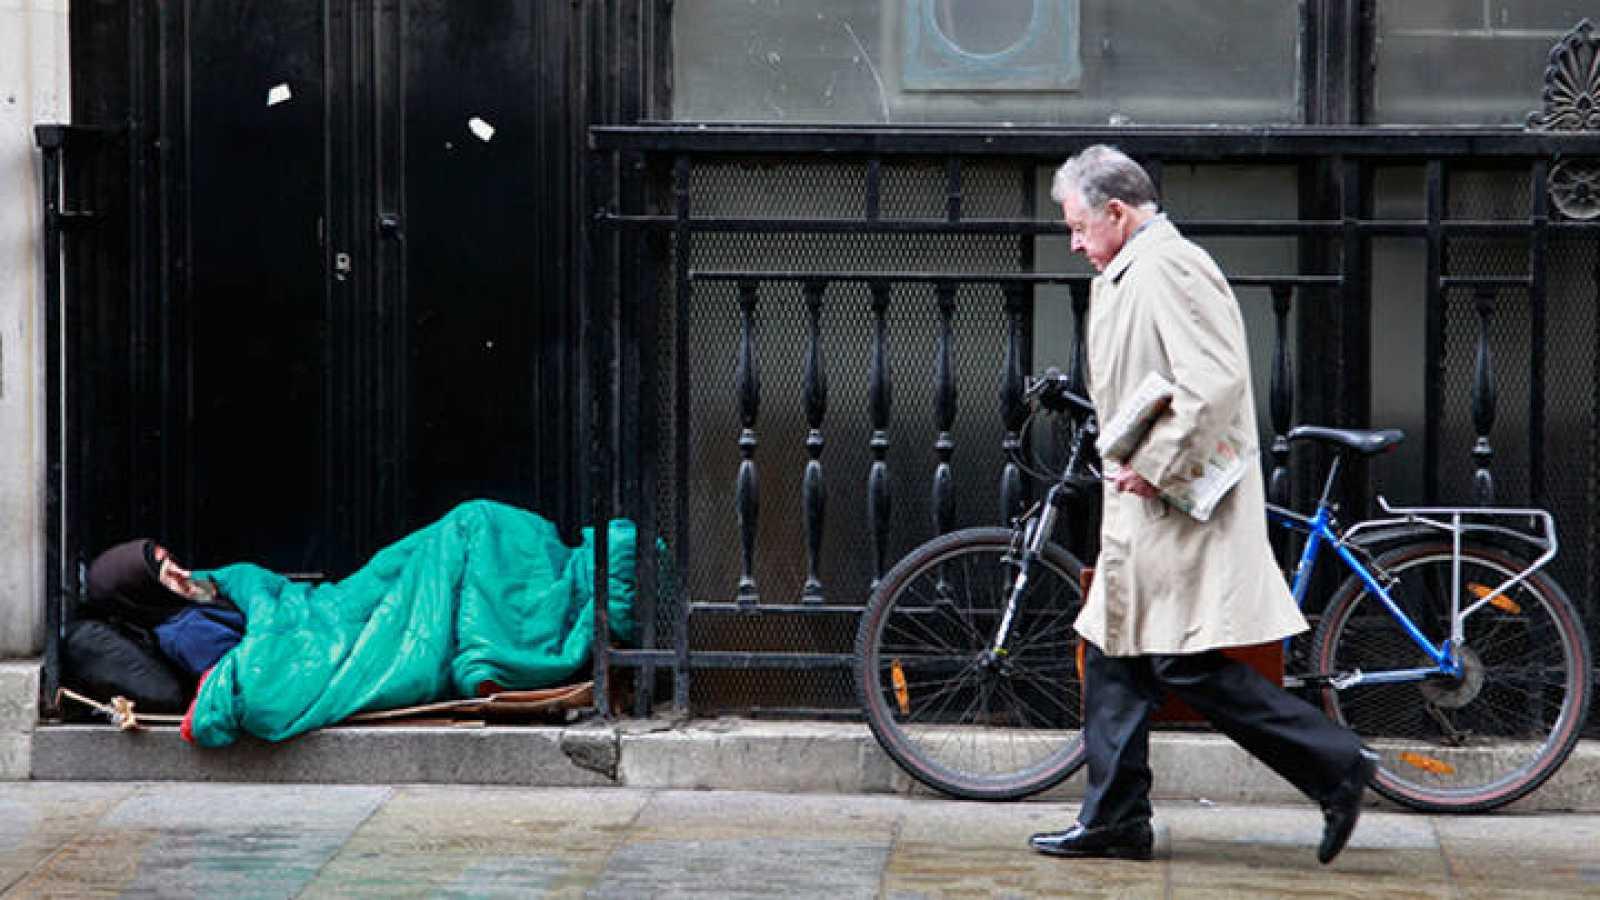 La cifra de personas que duermen en la calle en Londres aumentó más de un tercio entre el otoño de 2013 y otoño de 2014.